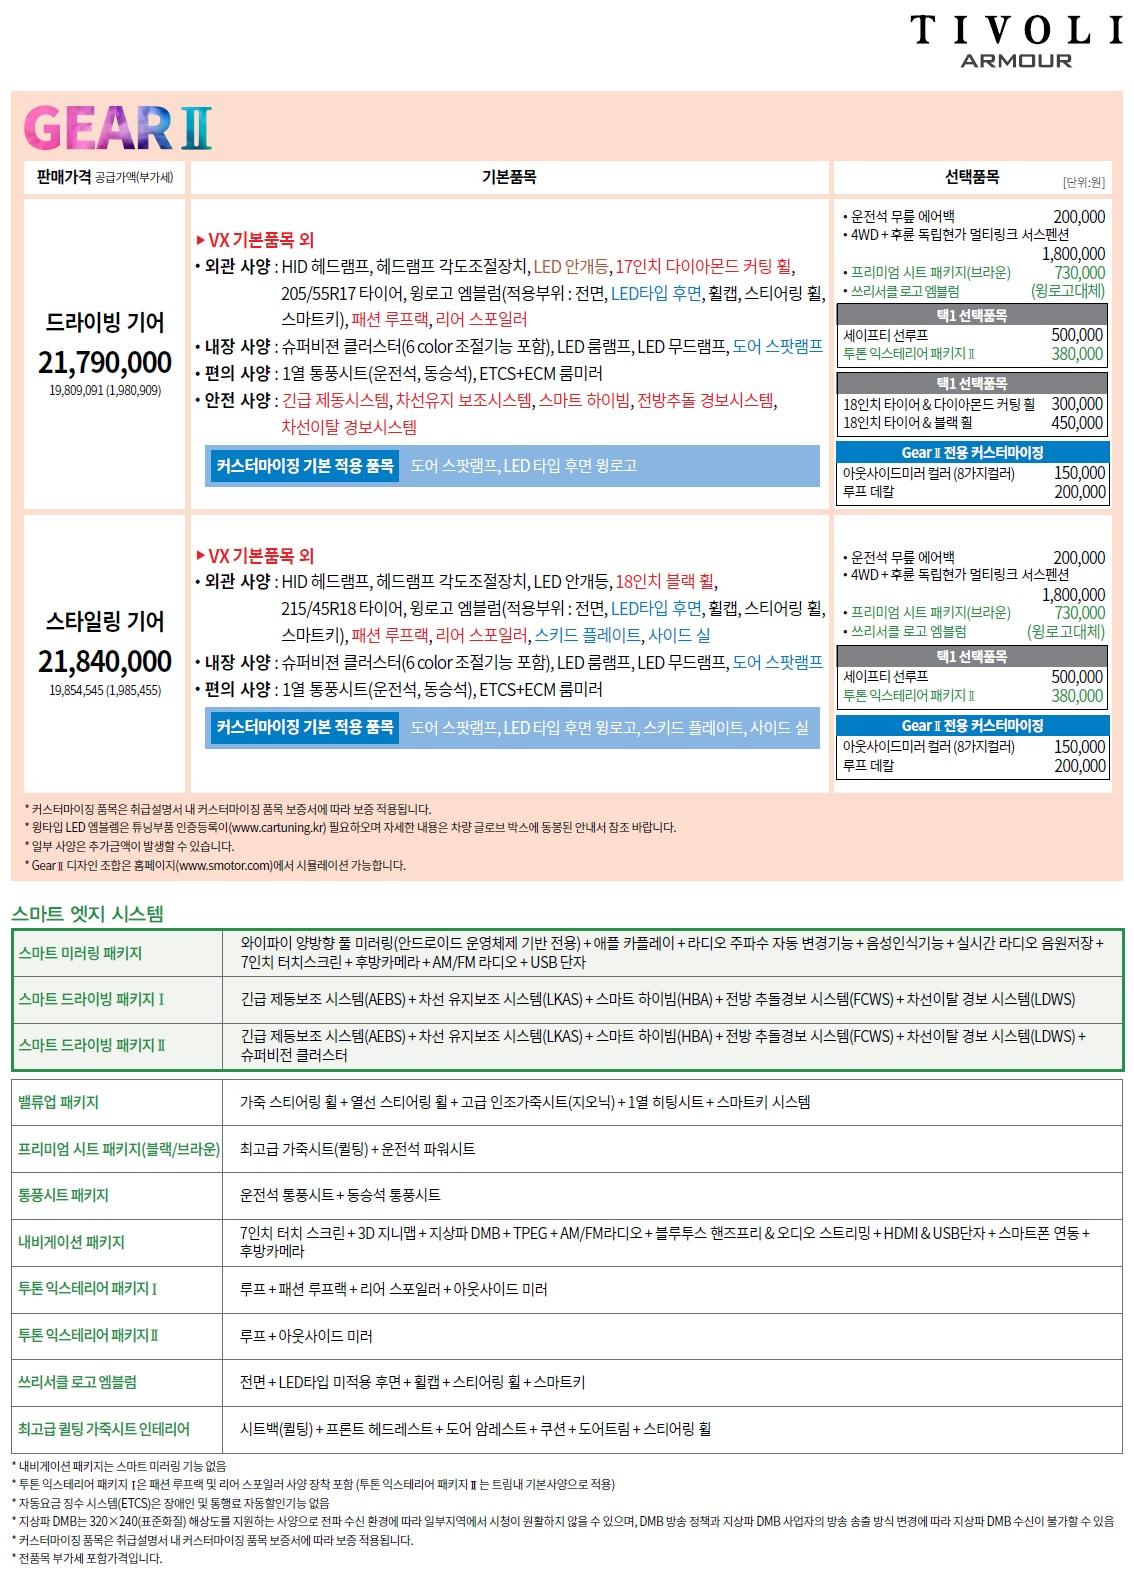 티볼리아머 가격표 - 2018년 05월 -4.jpg